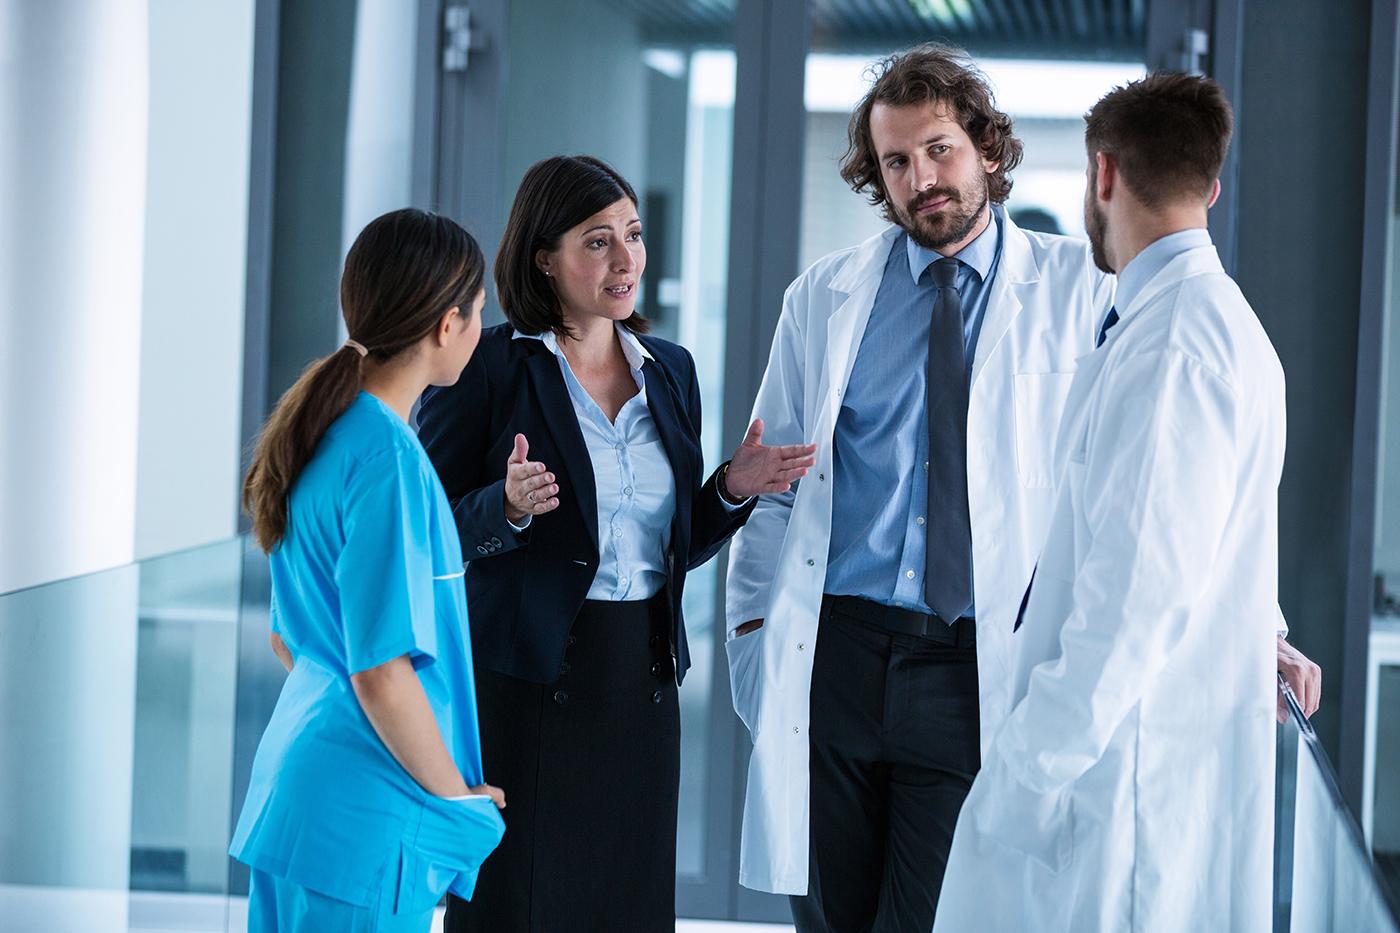 Dolmetscher für den <br>Gesundheitsdienst